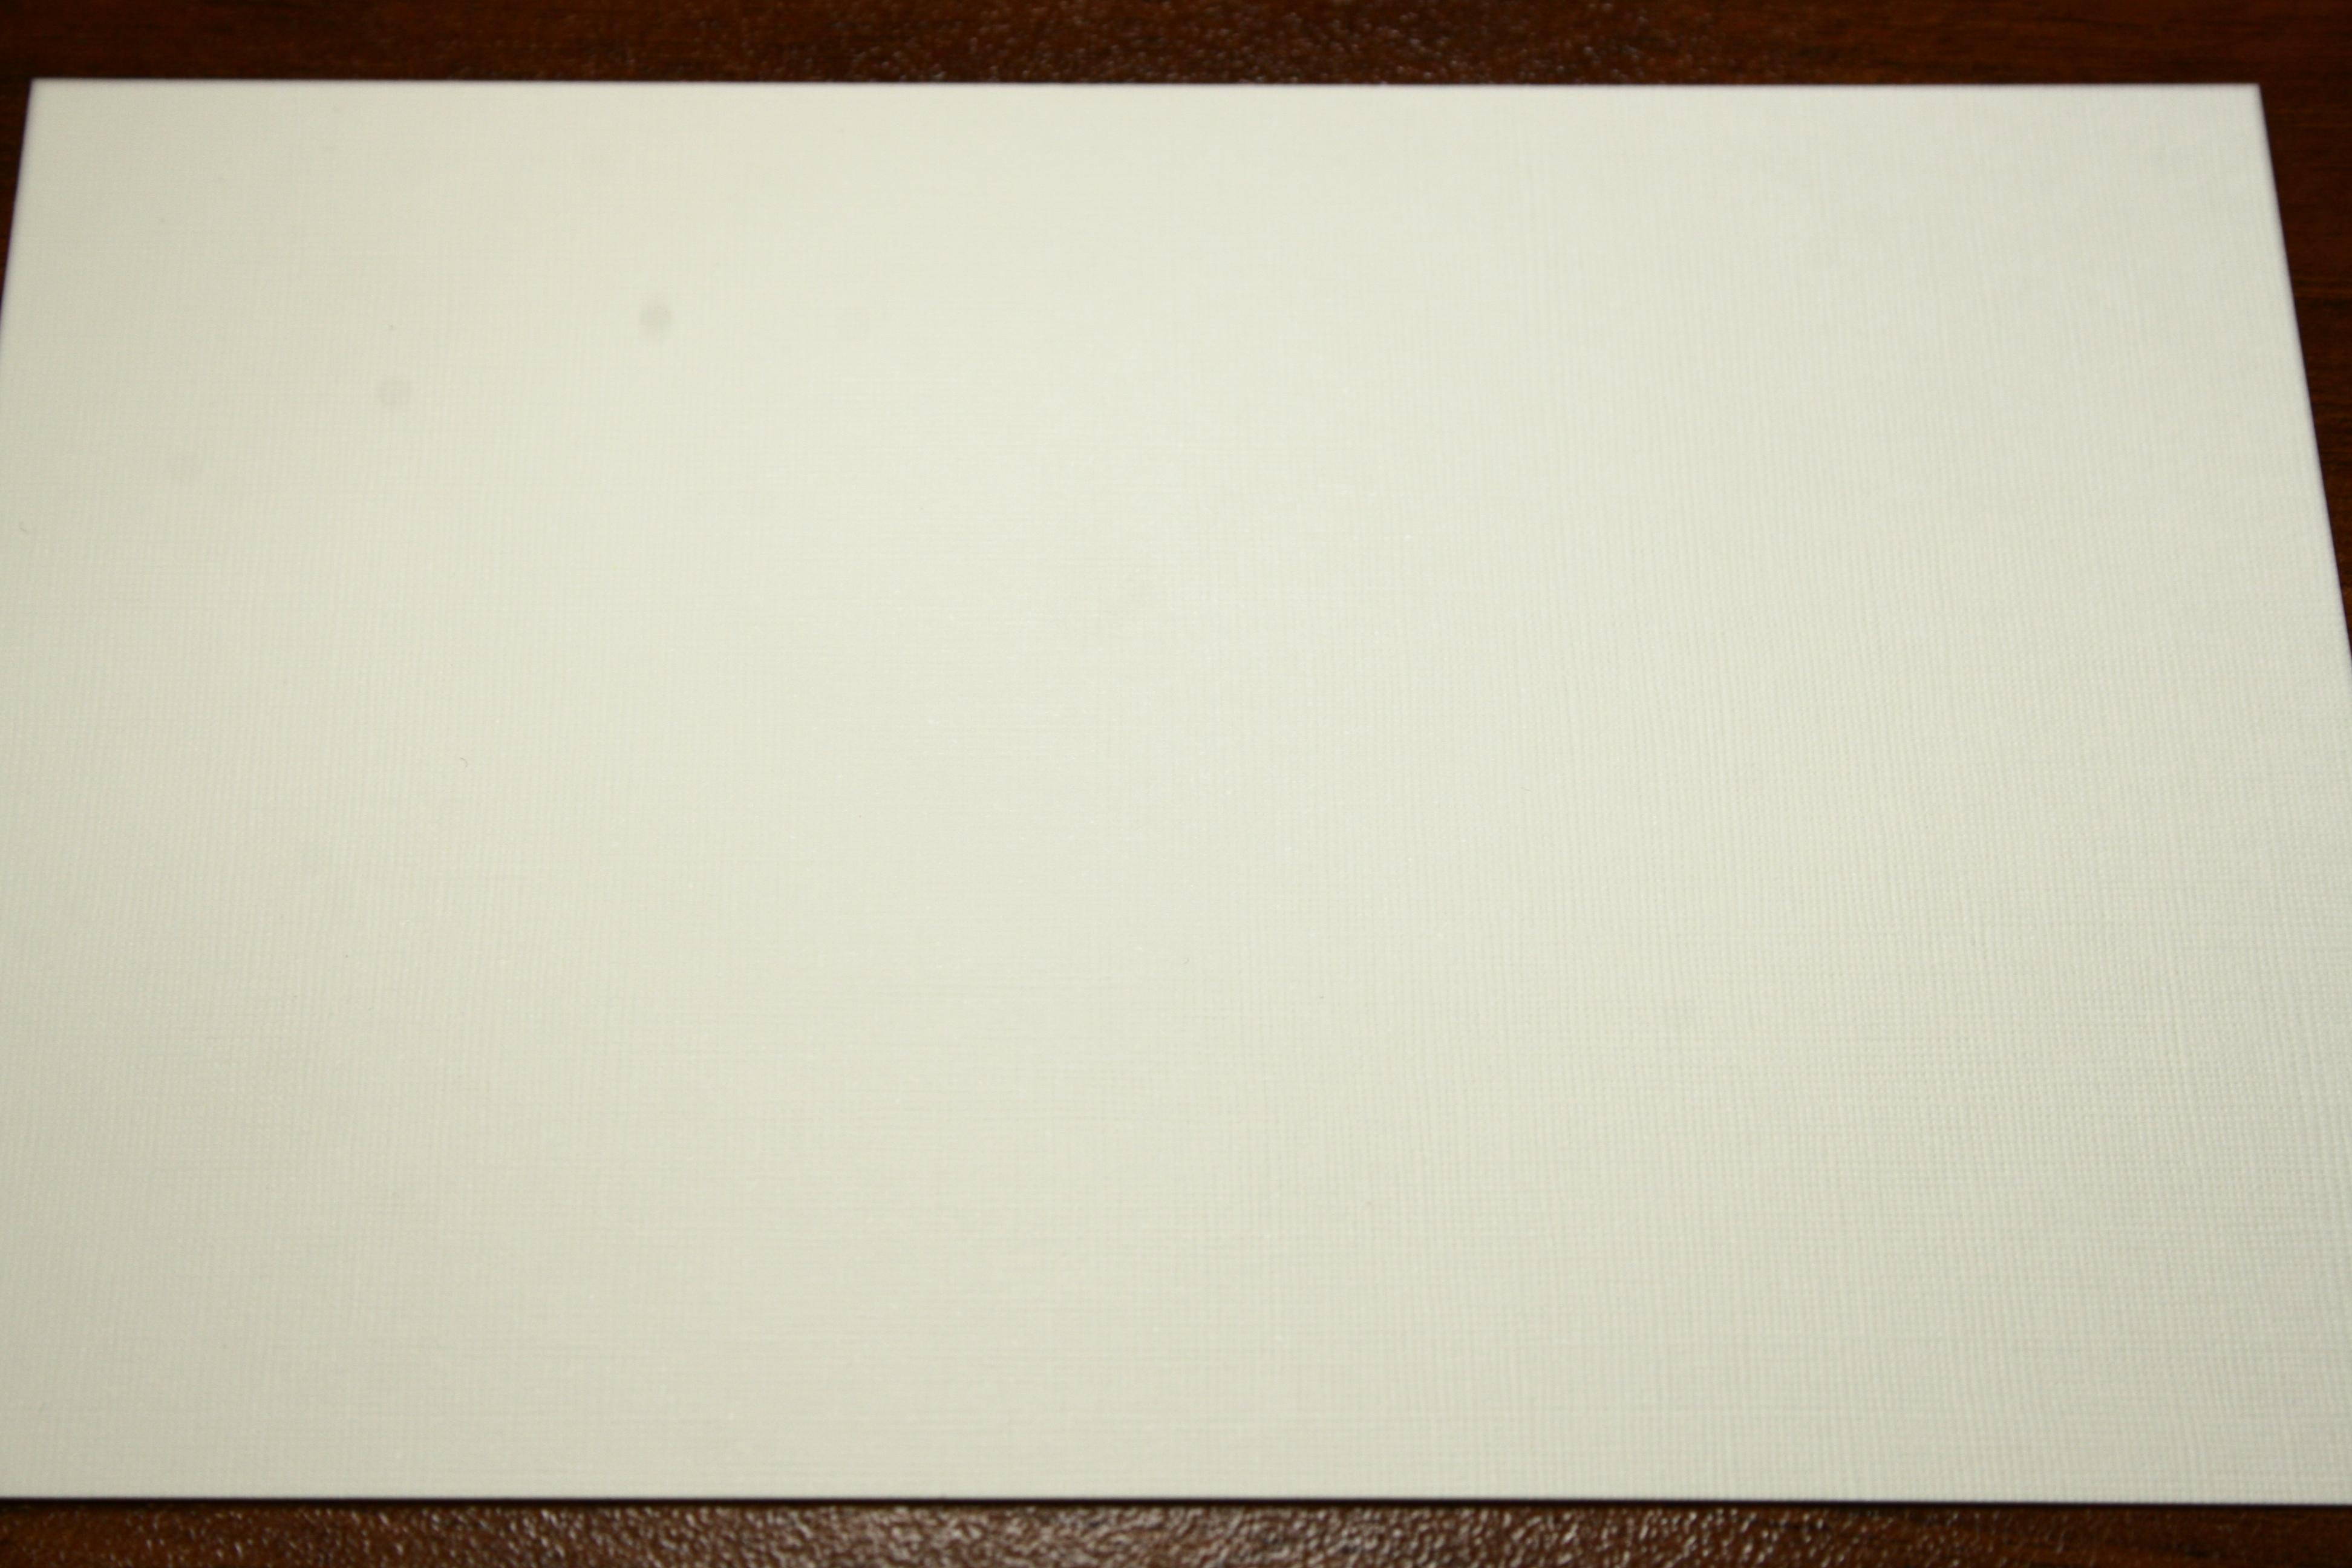 Как сделать в фото черные полосы сверху и снизу